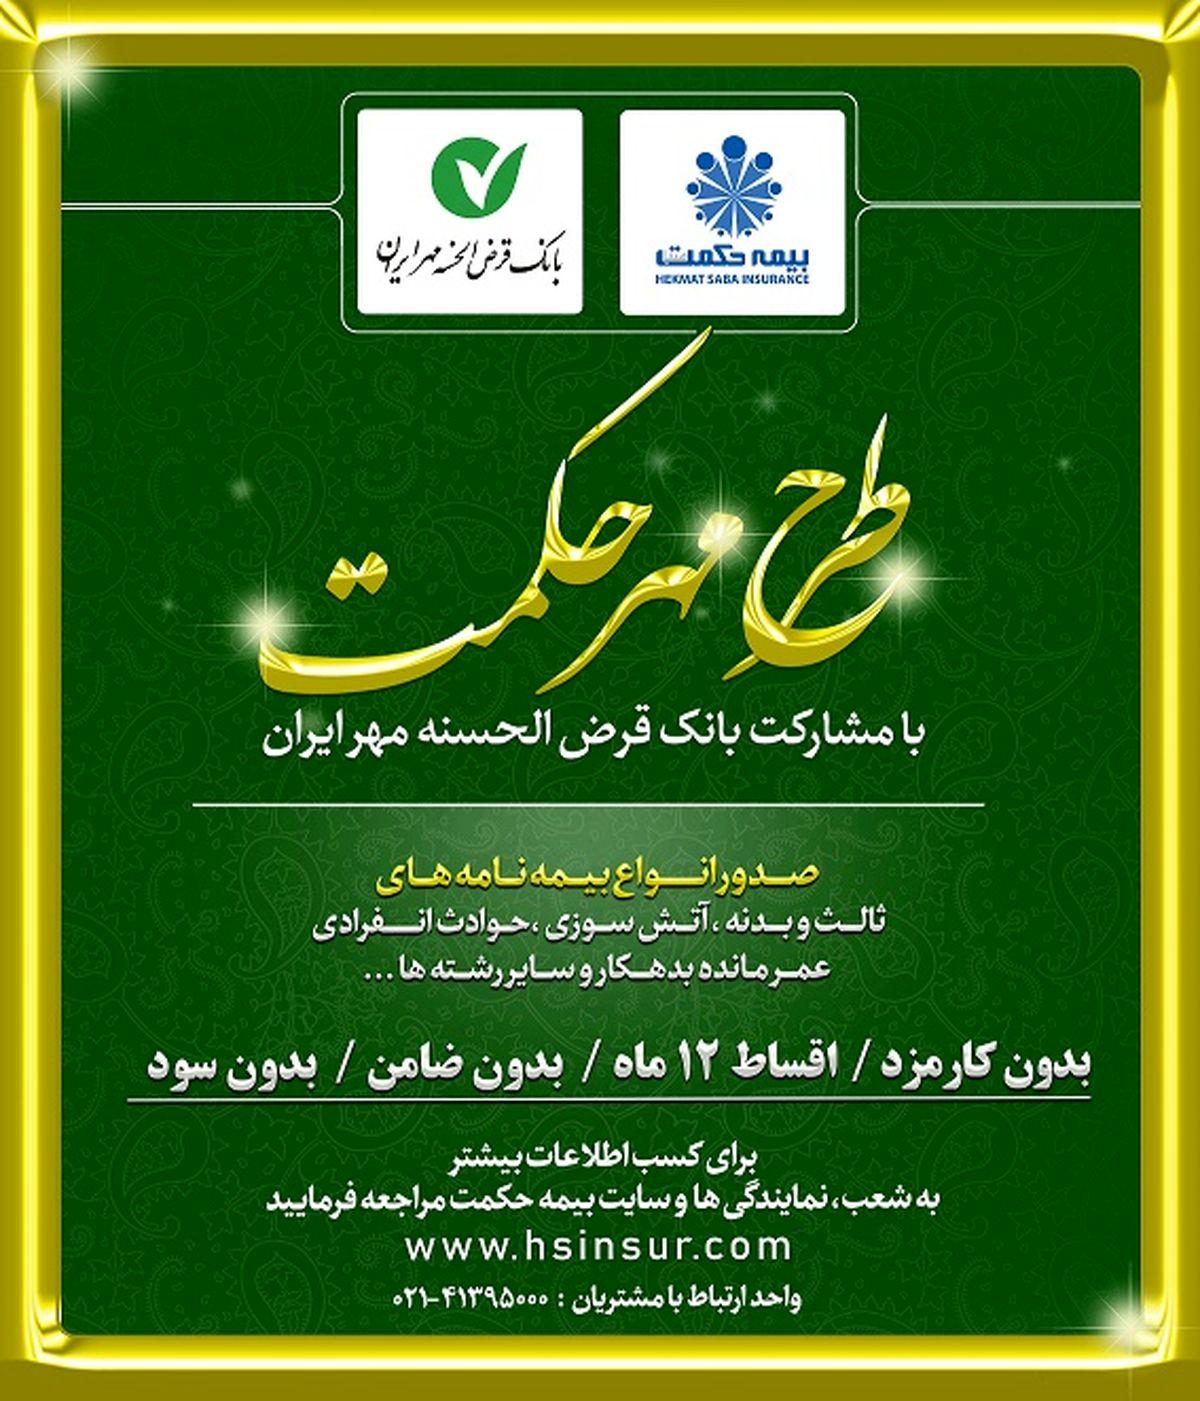 بیمه حکمت با بانک مهر ایران تفاهم نامه همکاری امضاء کرد